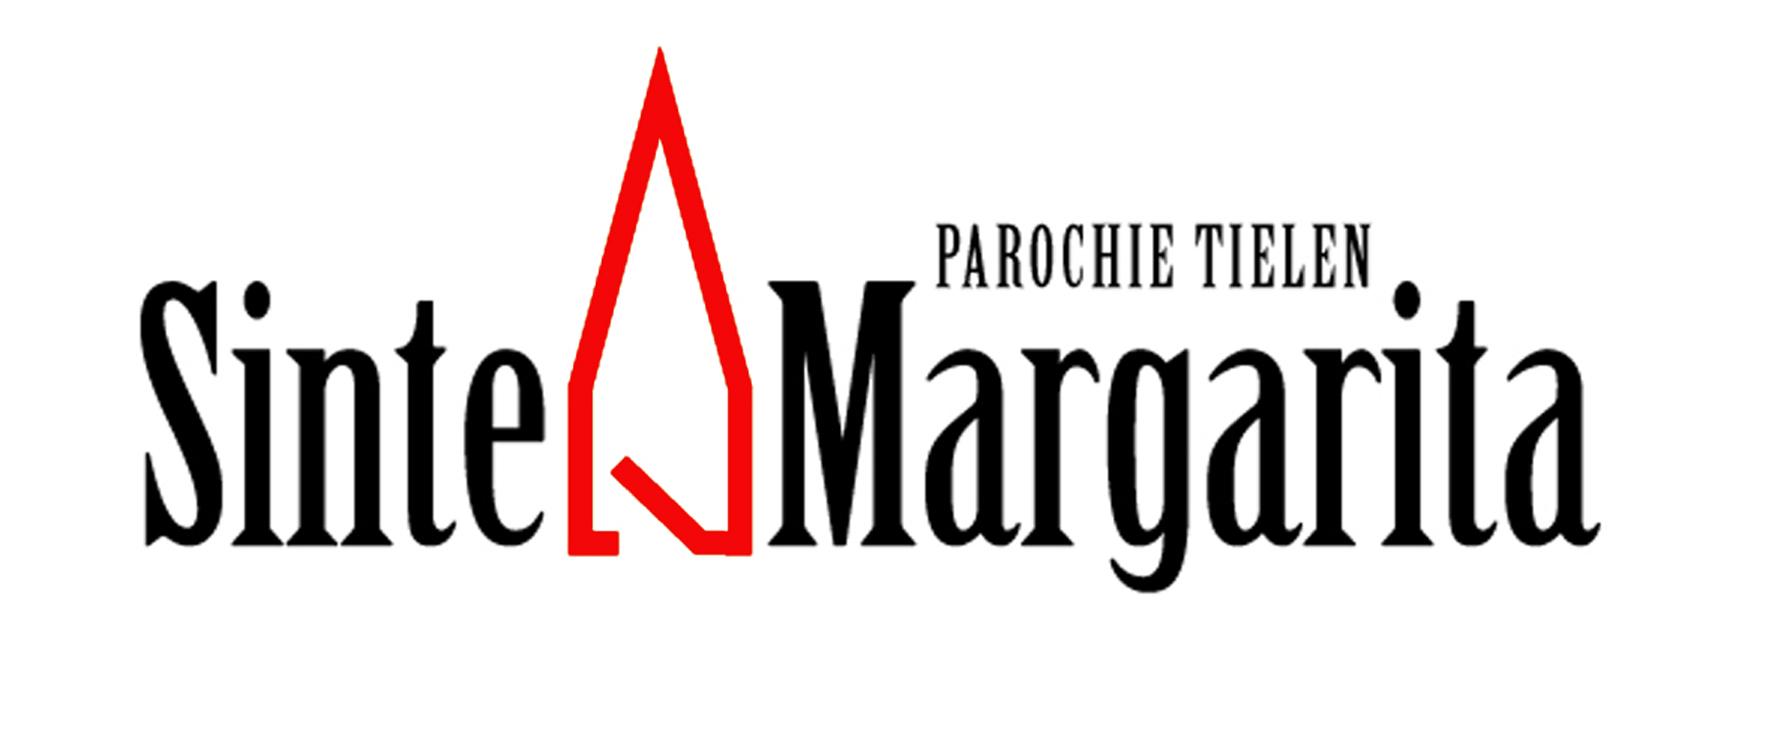 Parochie Sint-Margarita Tielen